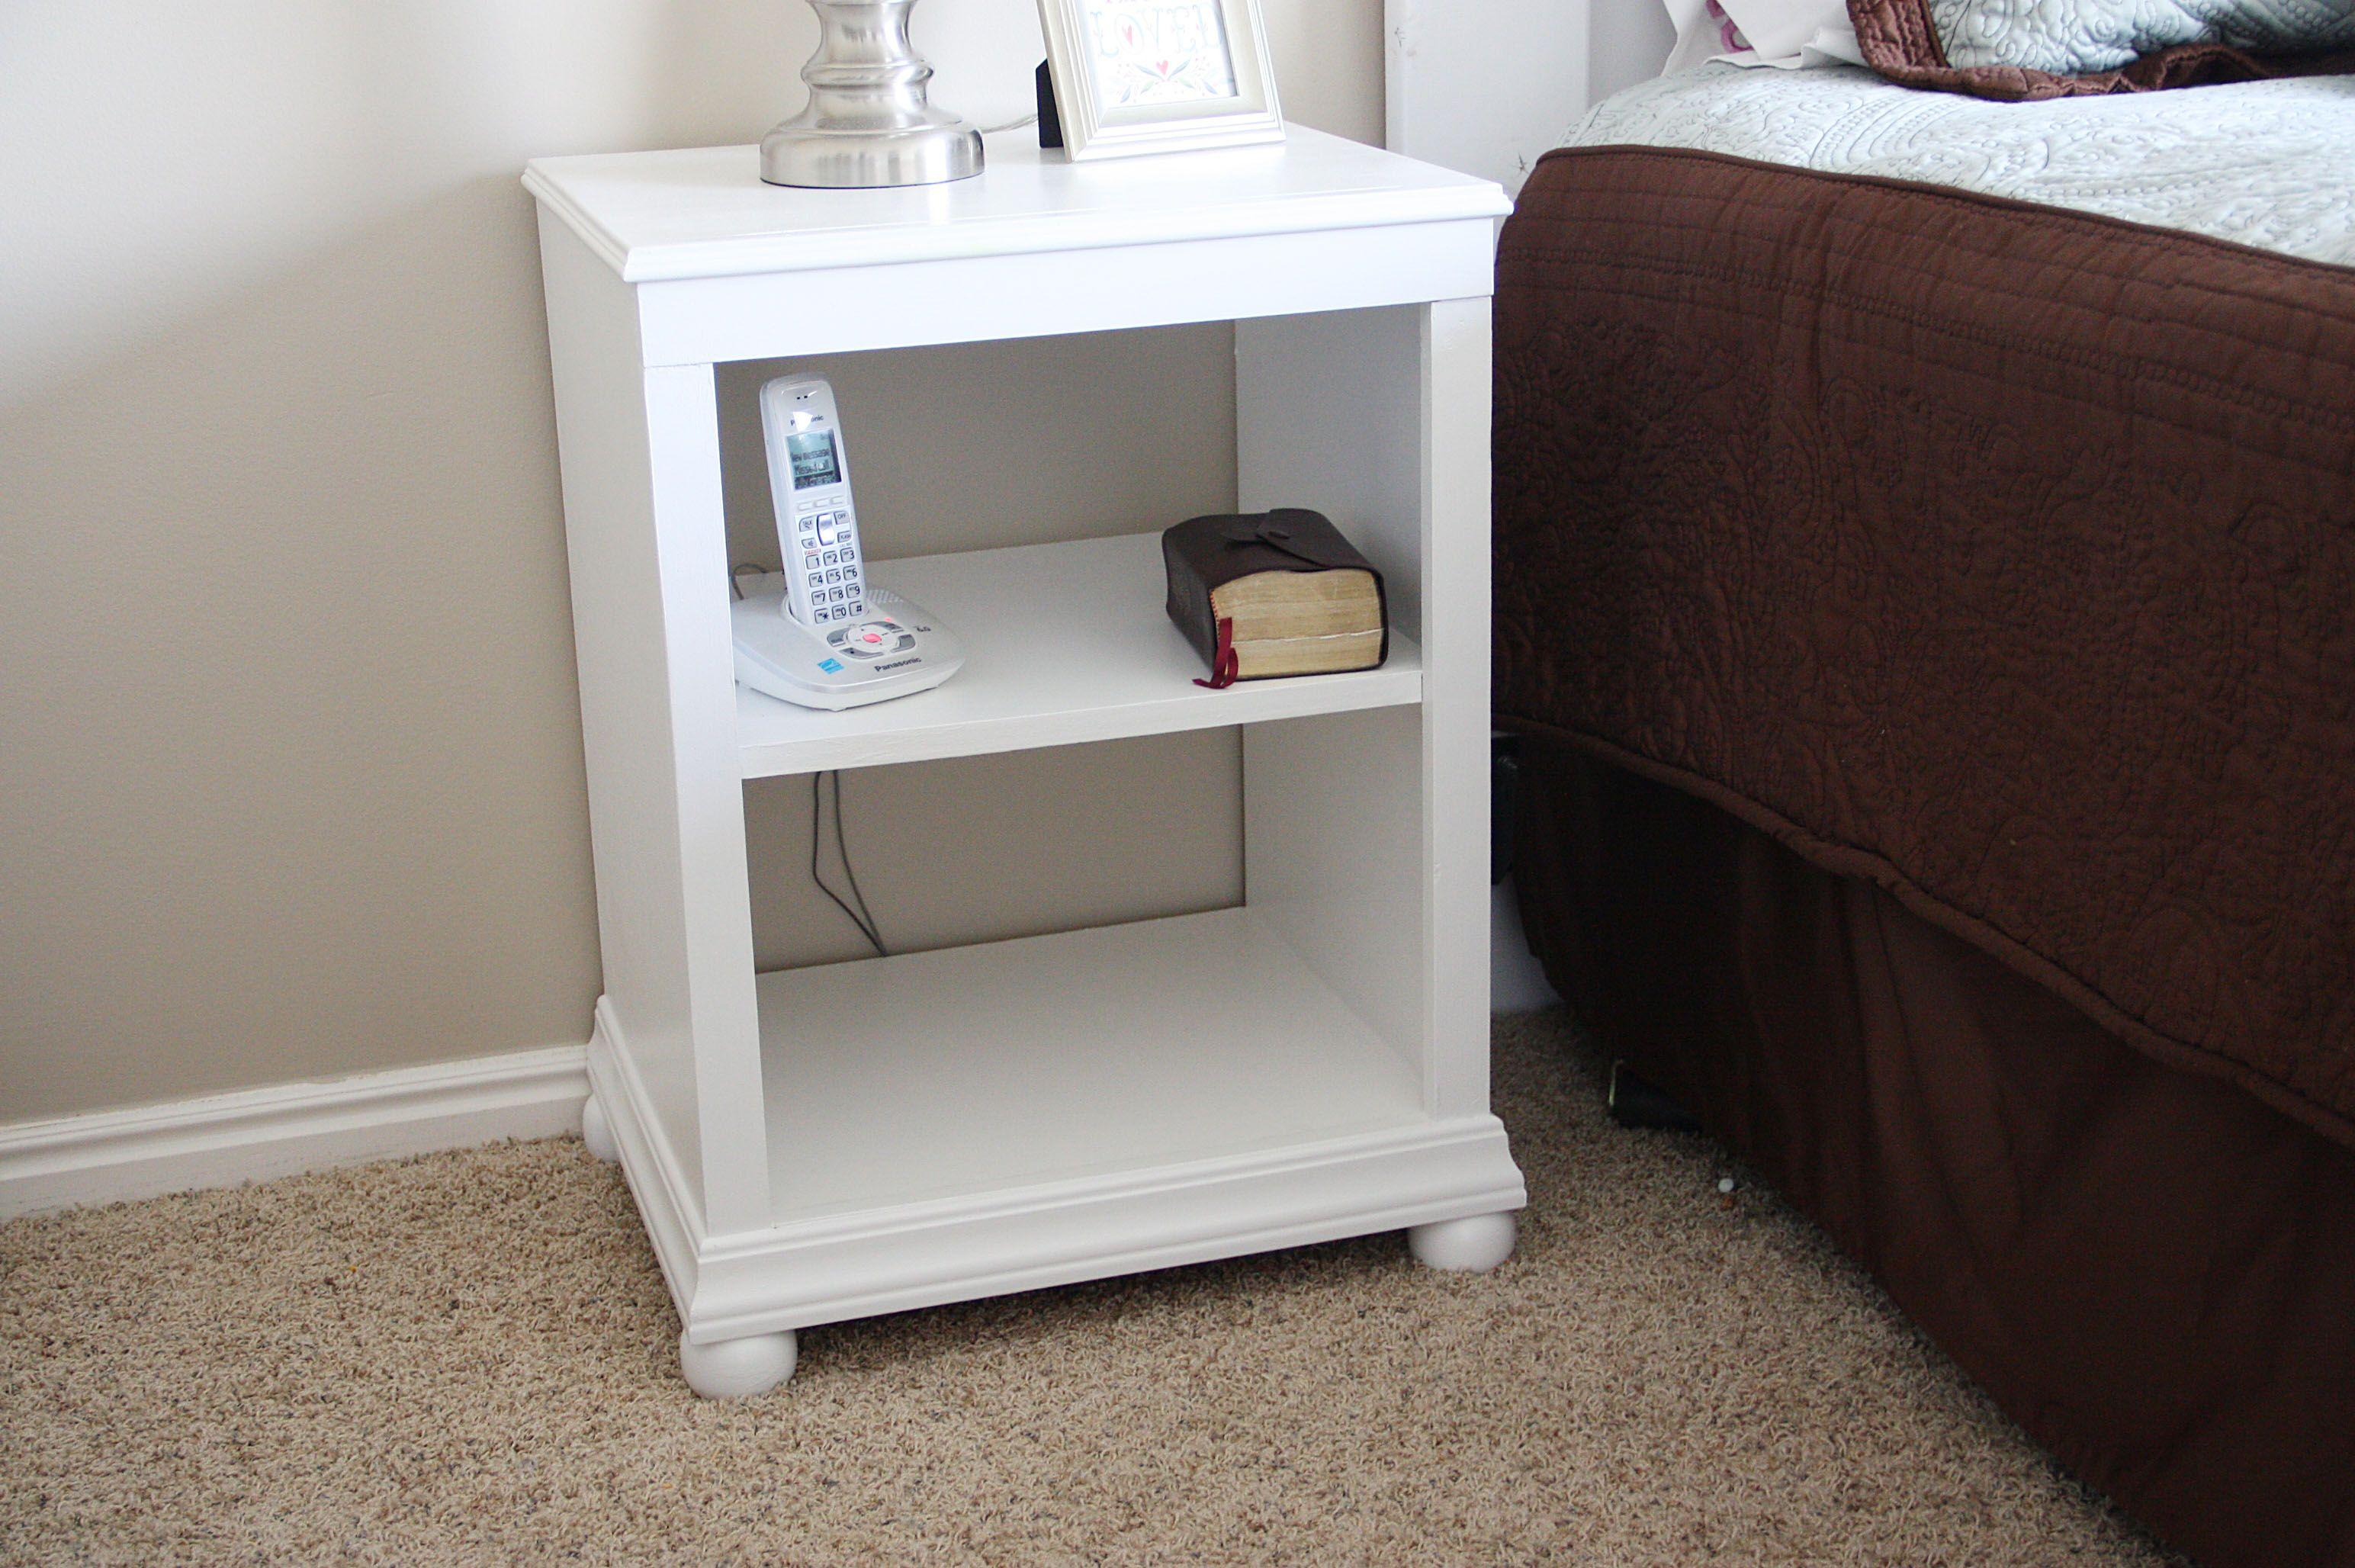 Katie Nightstand Open Shelf Diy Nightstand Diy Furniture Headboard With Shelves